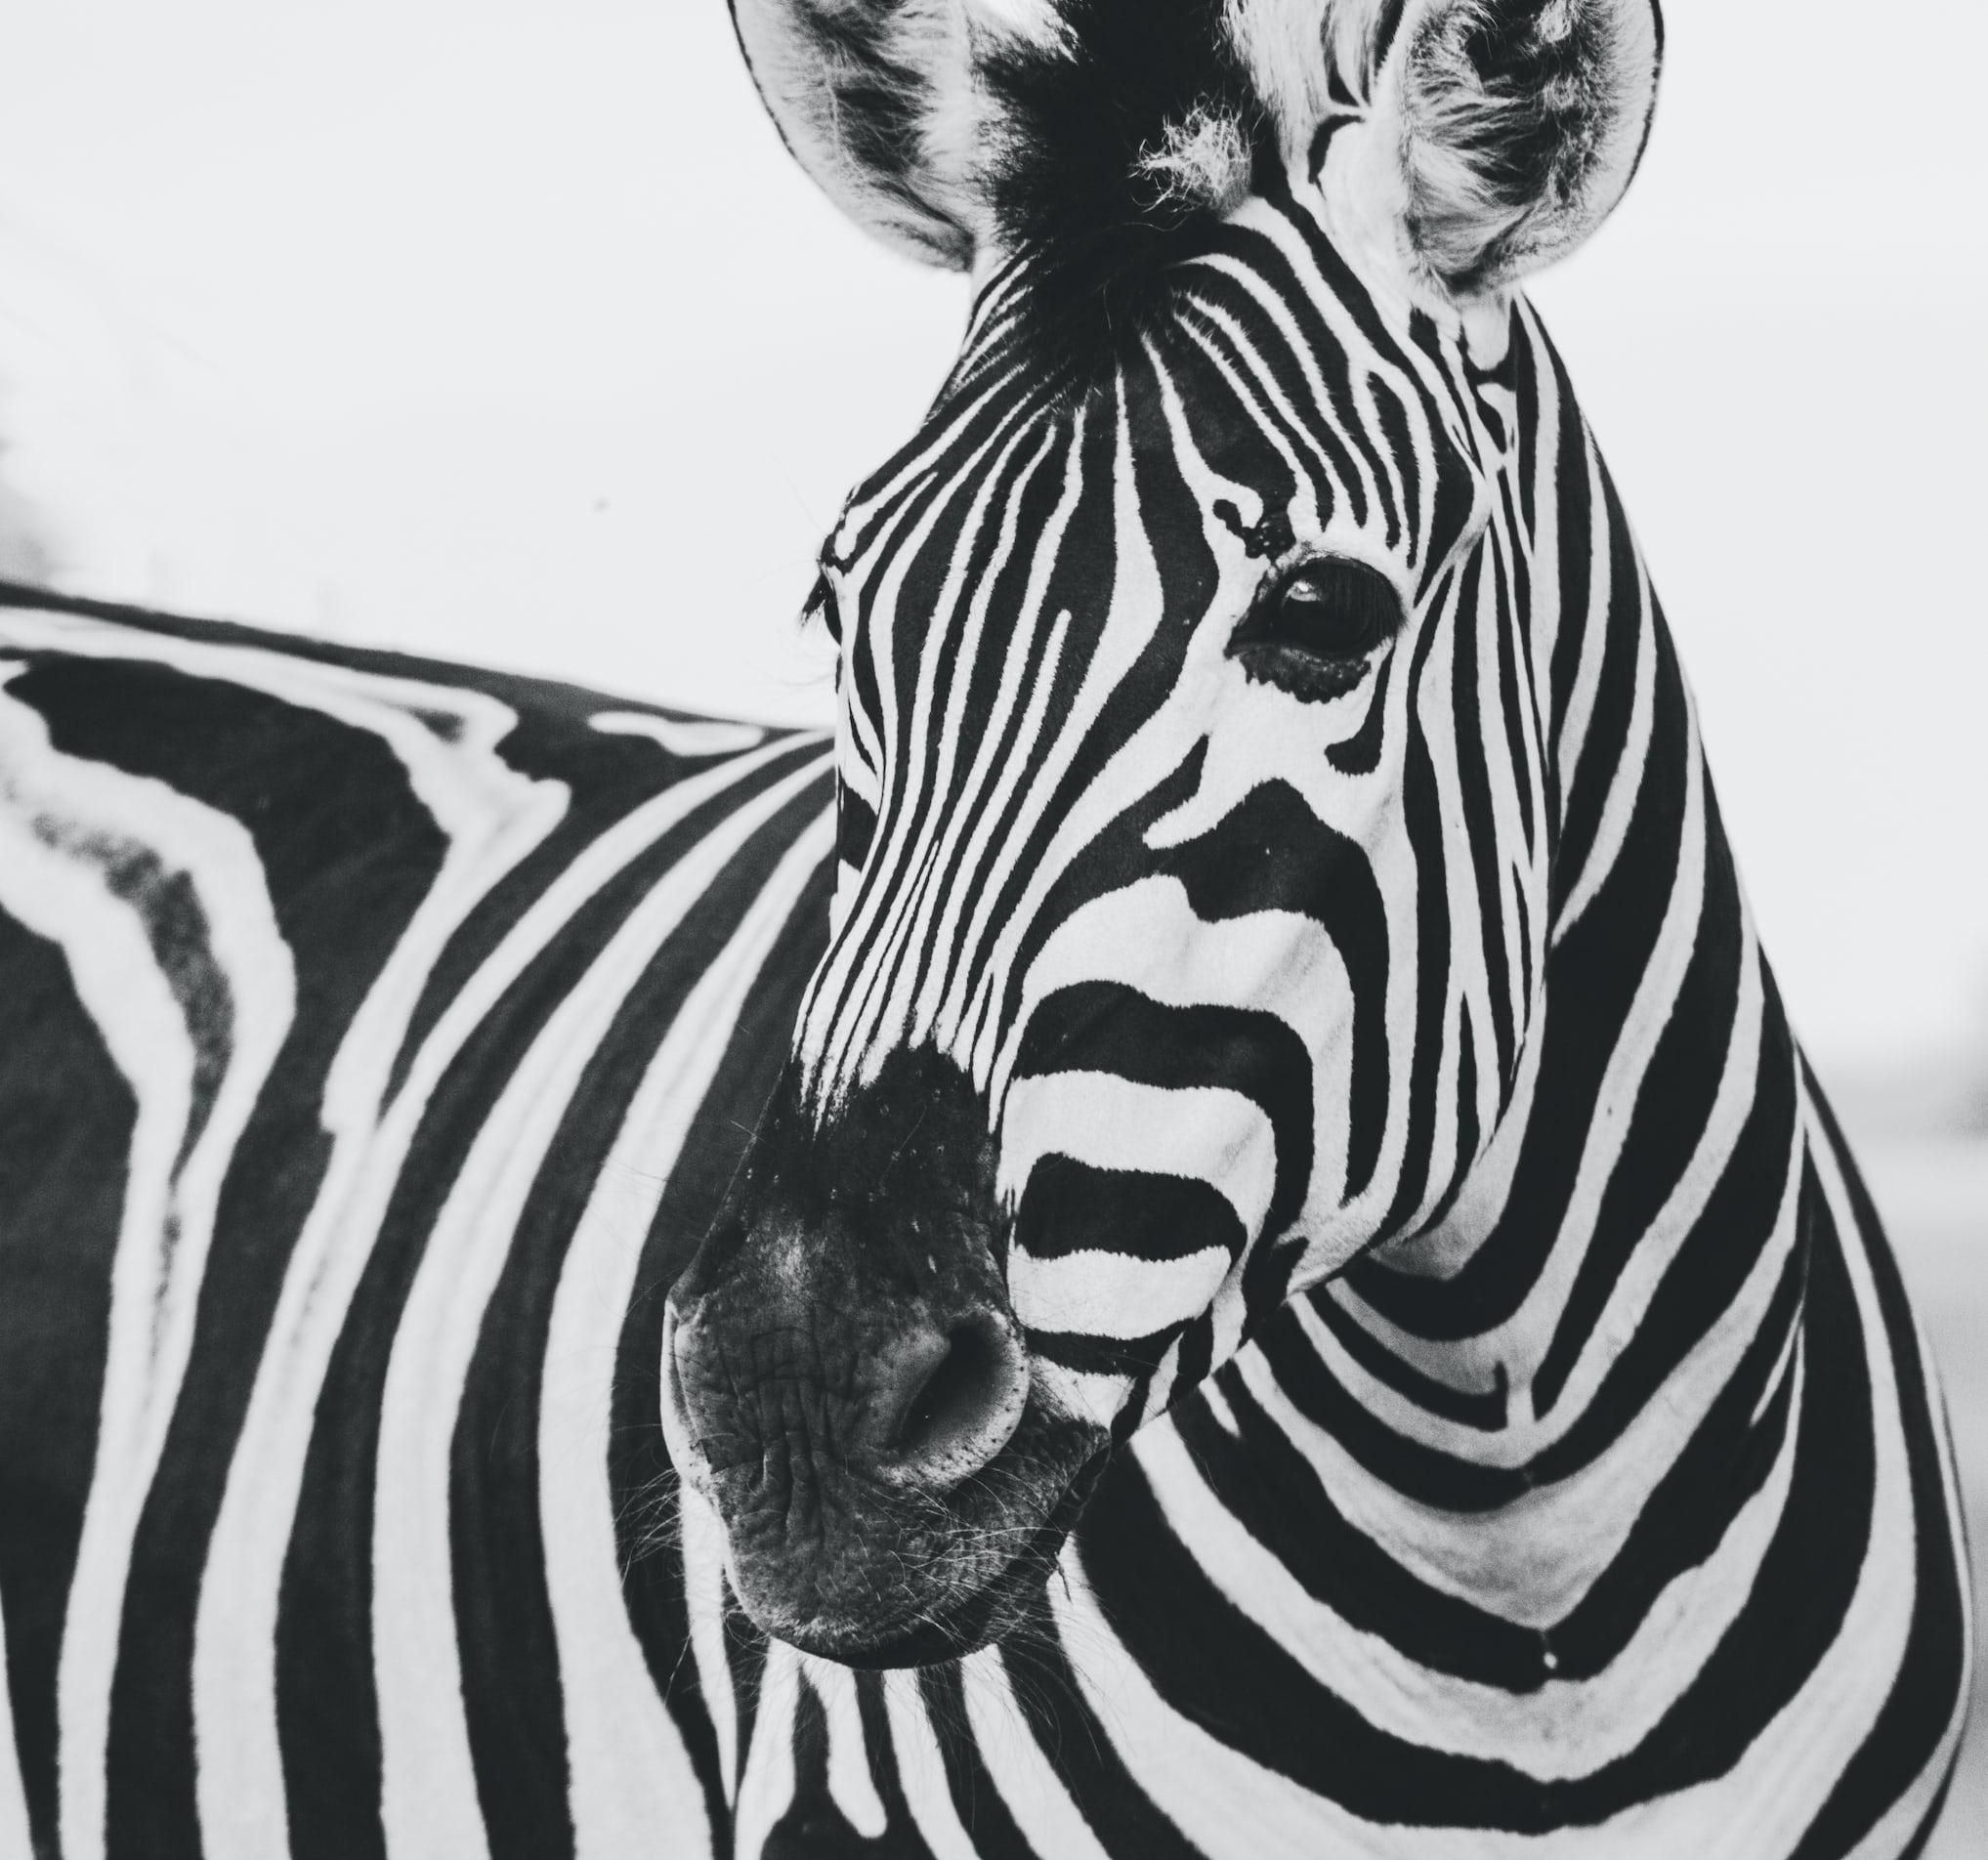 Schwarz-weiß Foto eines Zebras